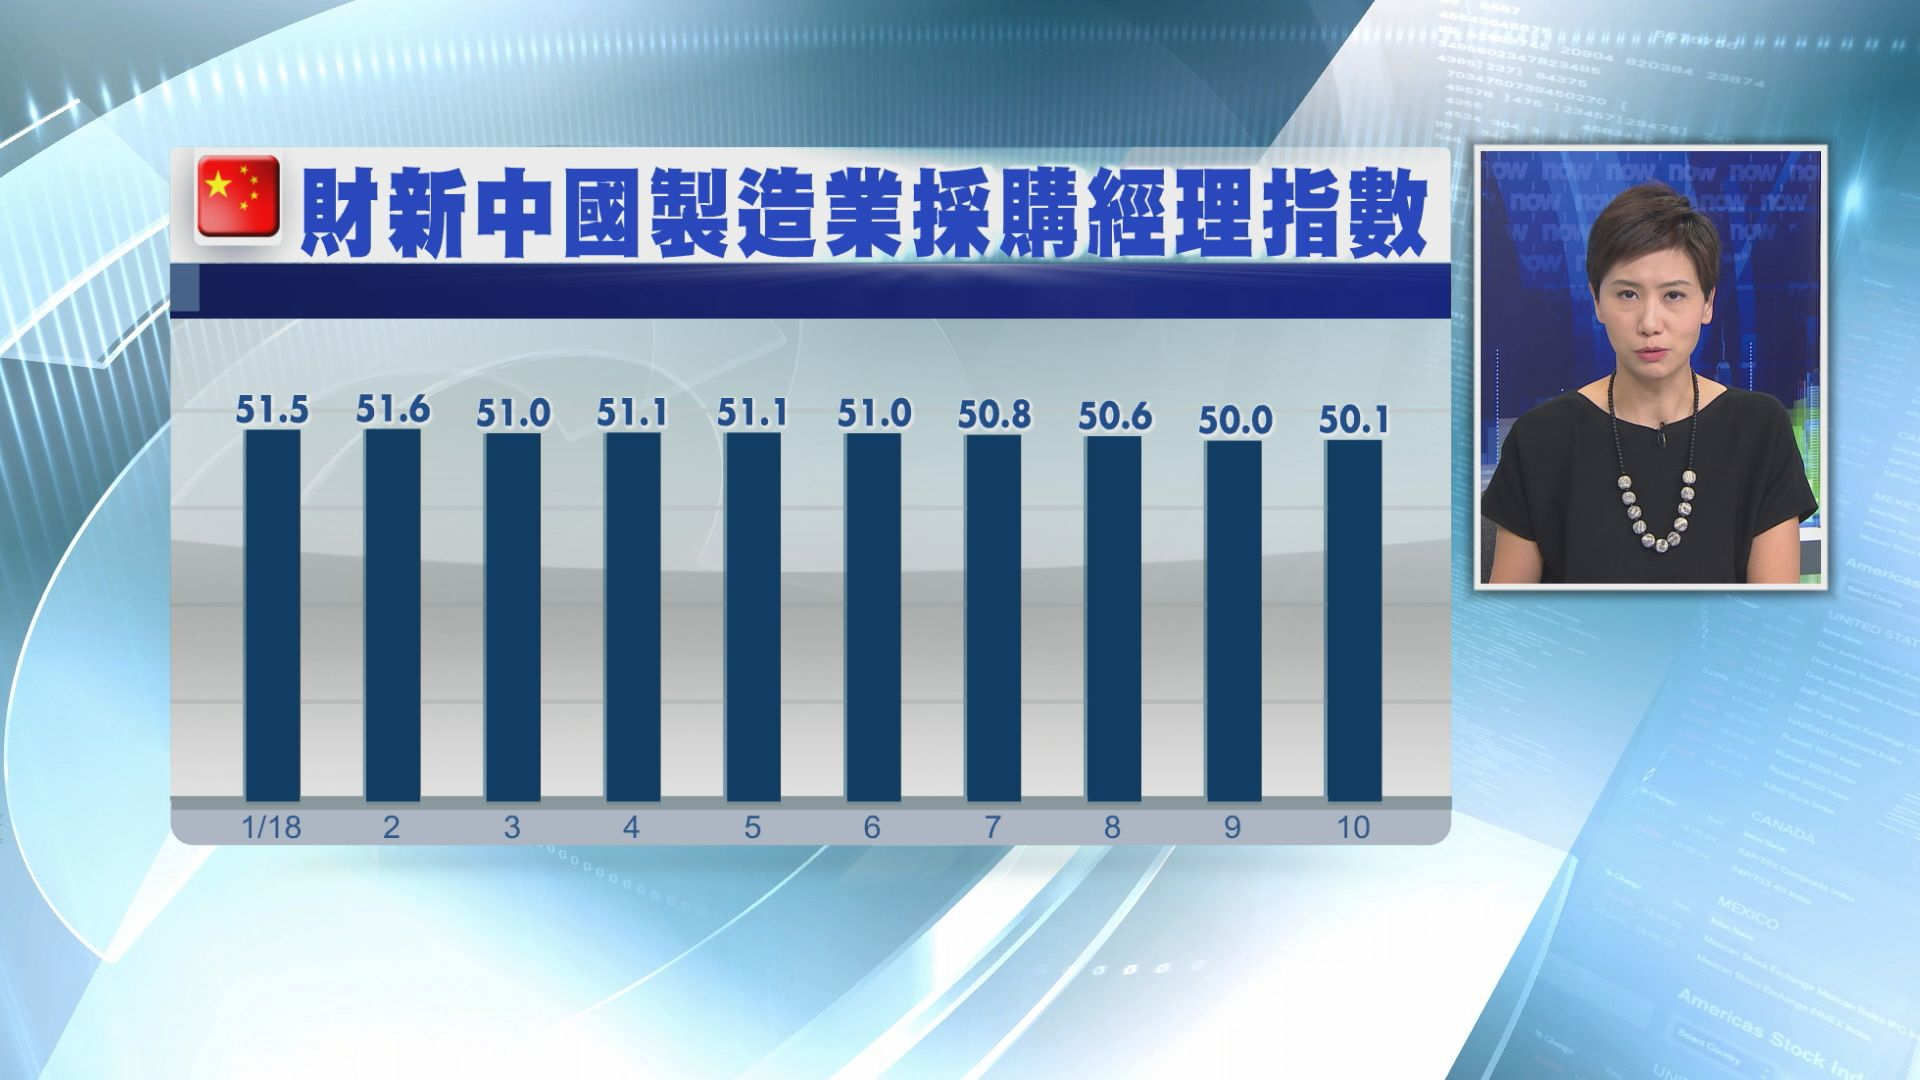 【勝於預期】財新製造業PMI回升至50.1